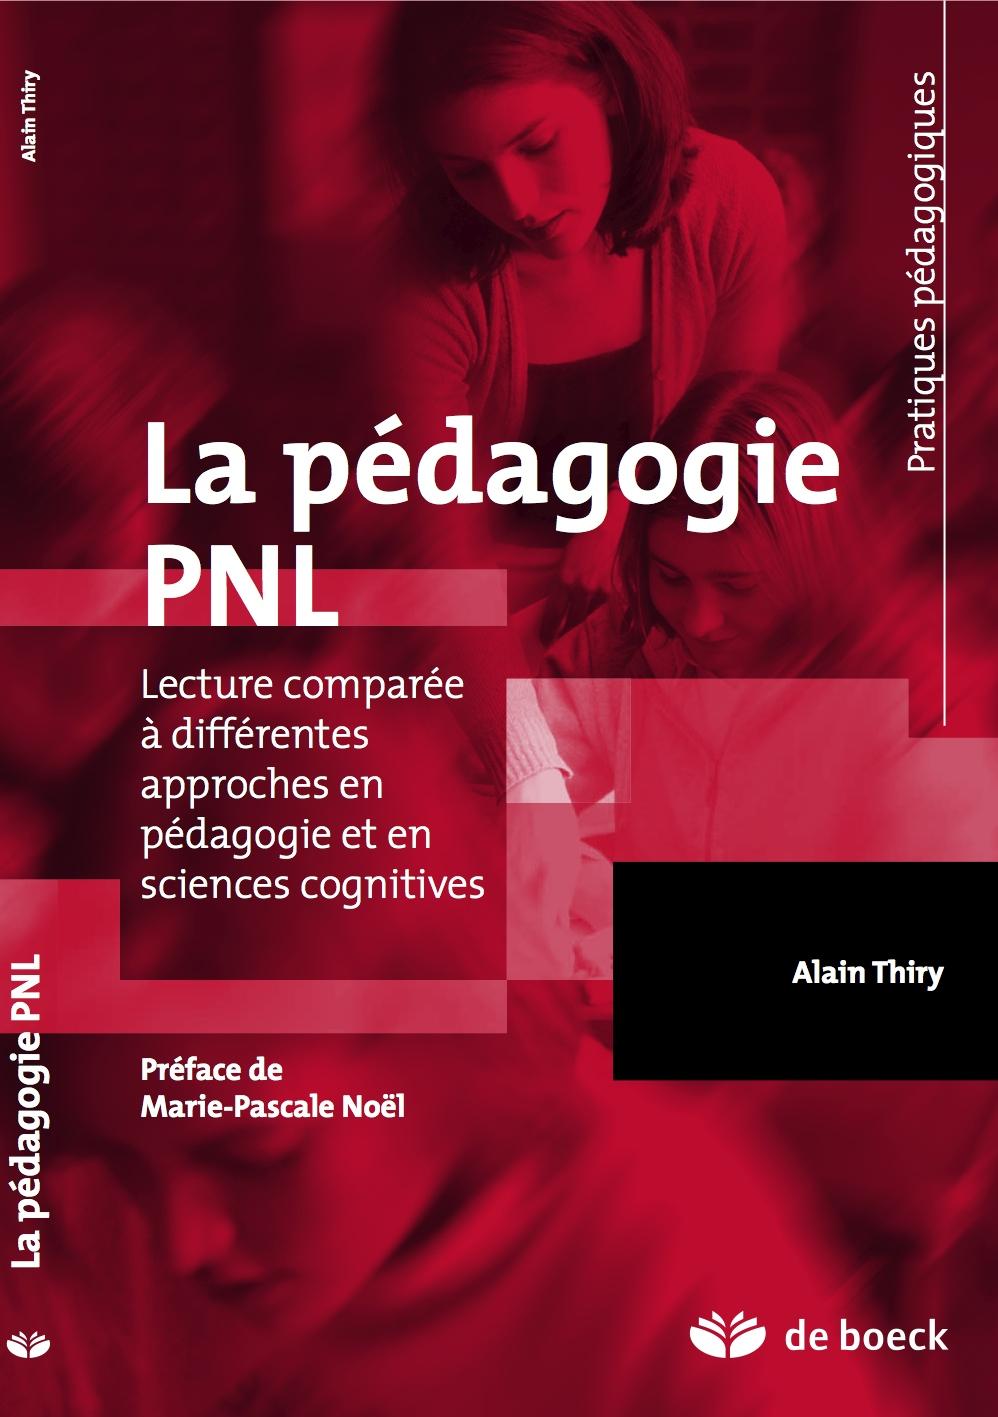 La pédagogie PNL - de Alain Thiry